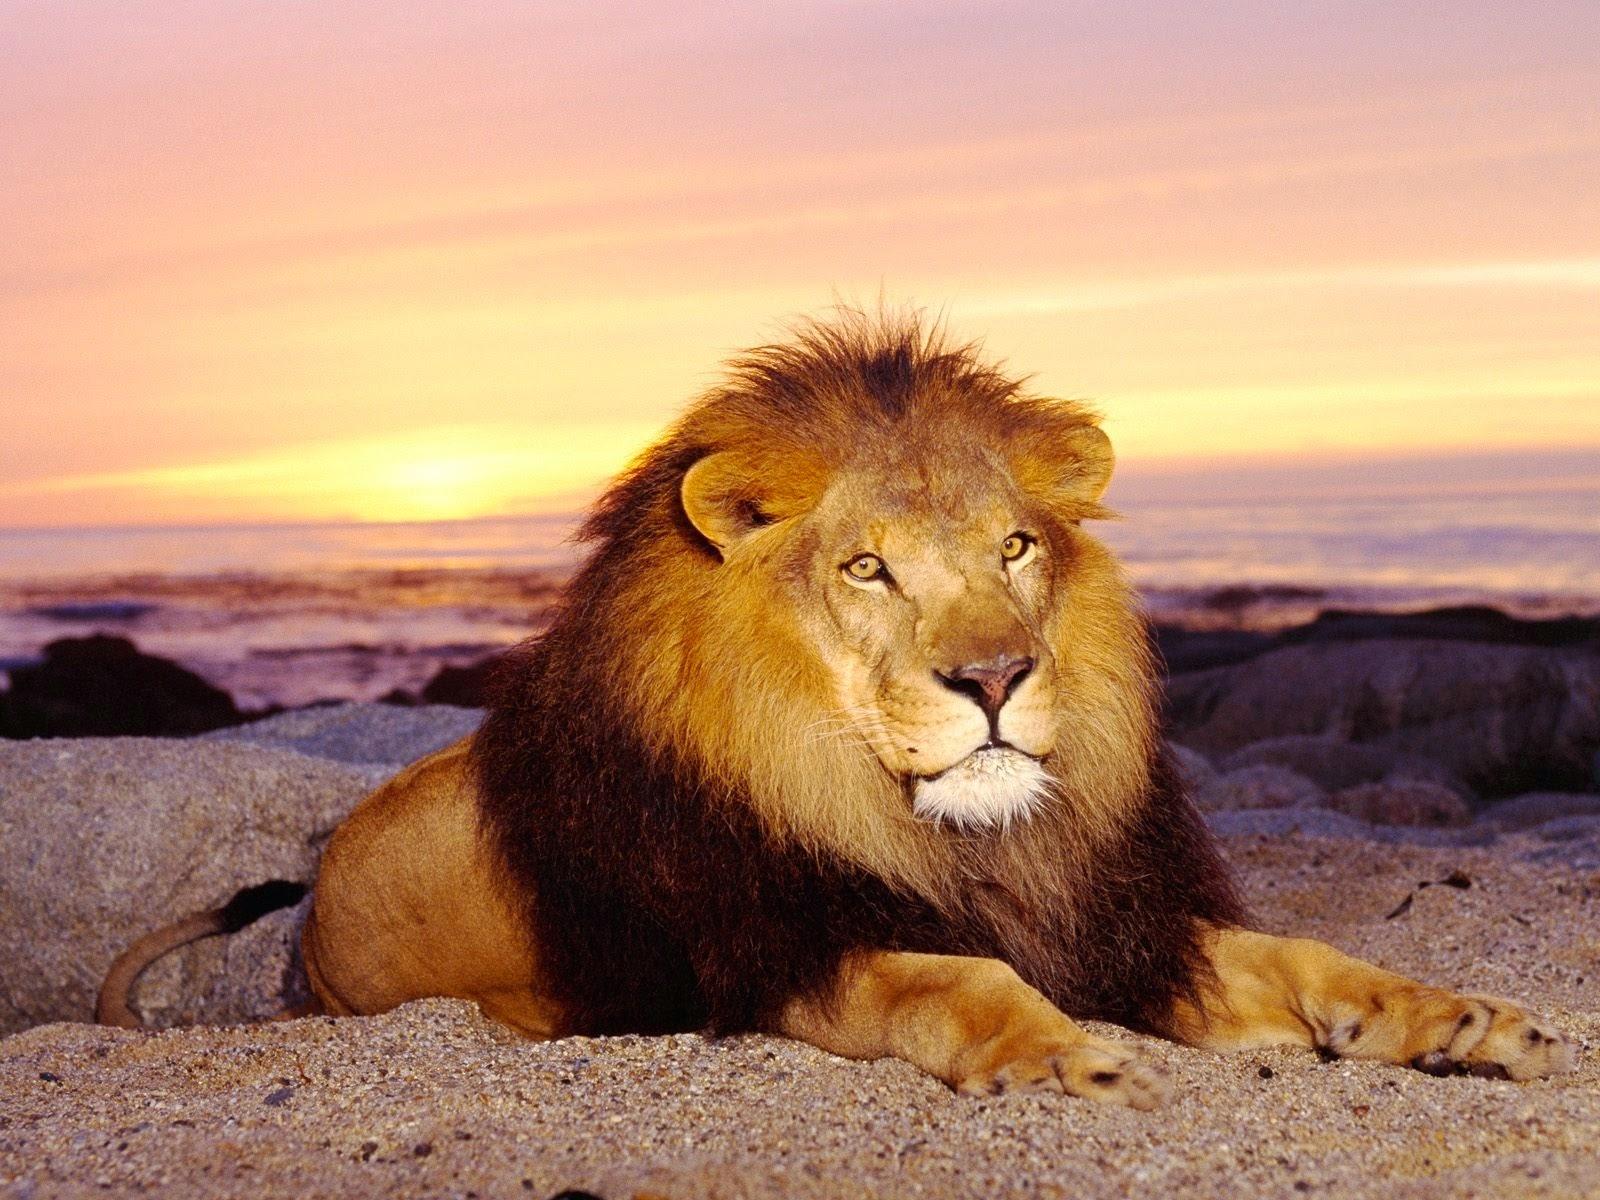 gambar wallpaper singa di padang pasir